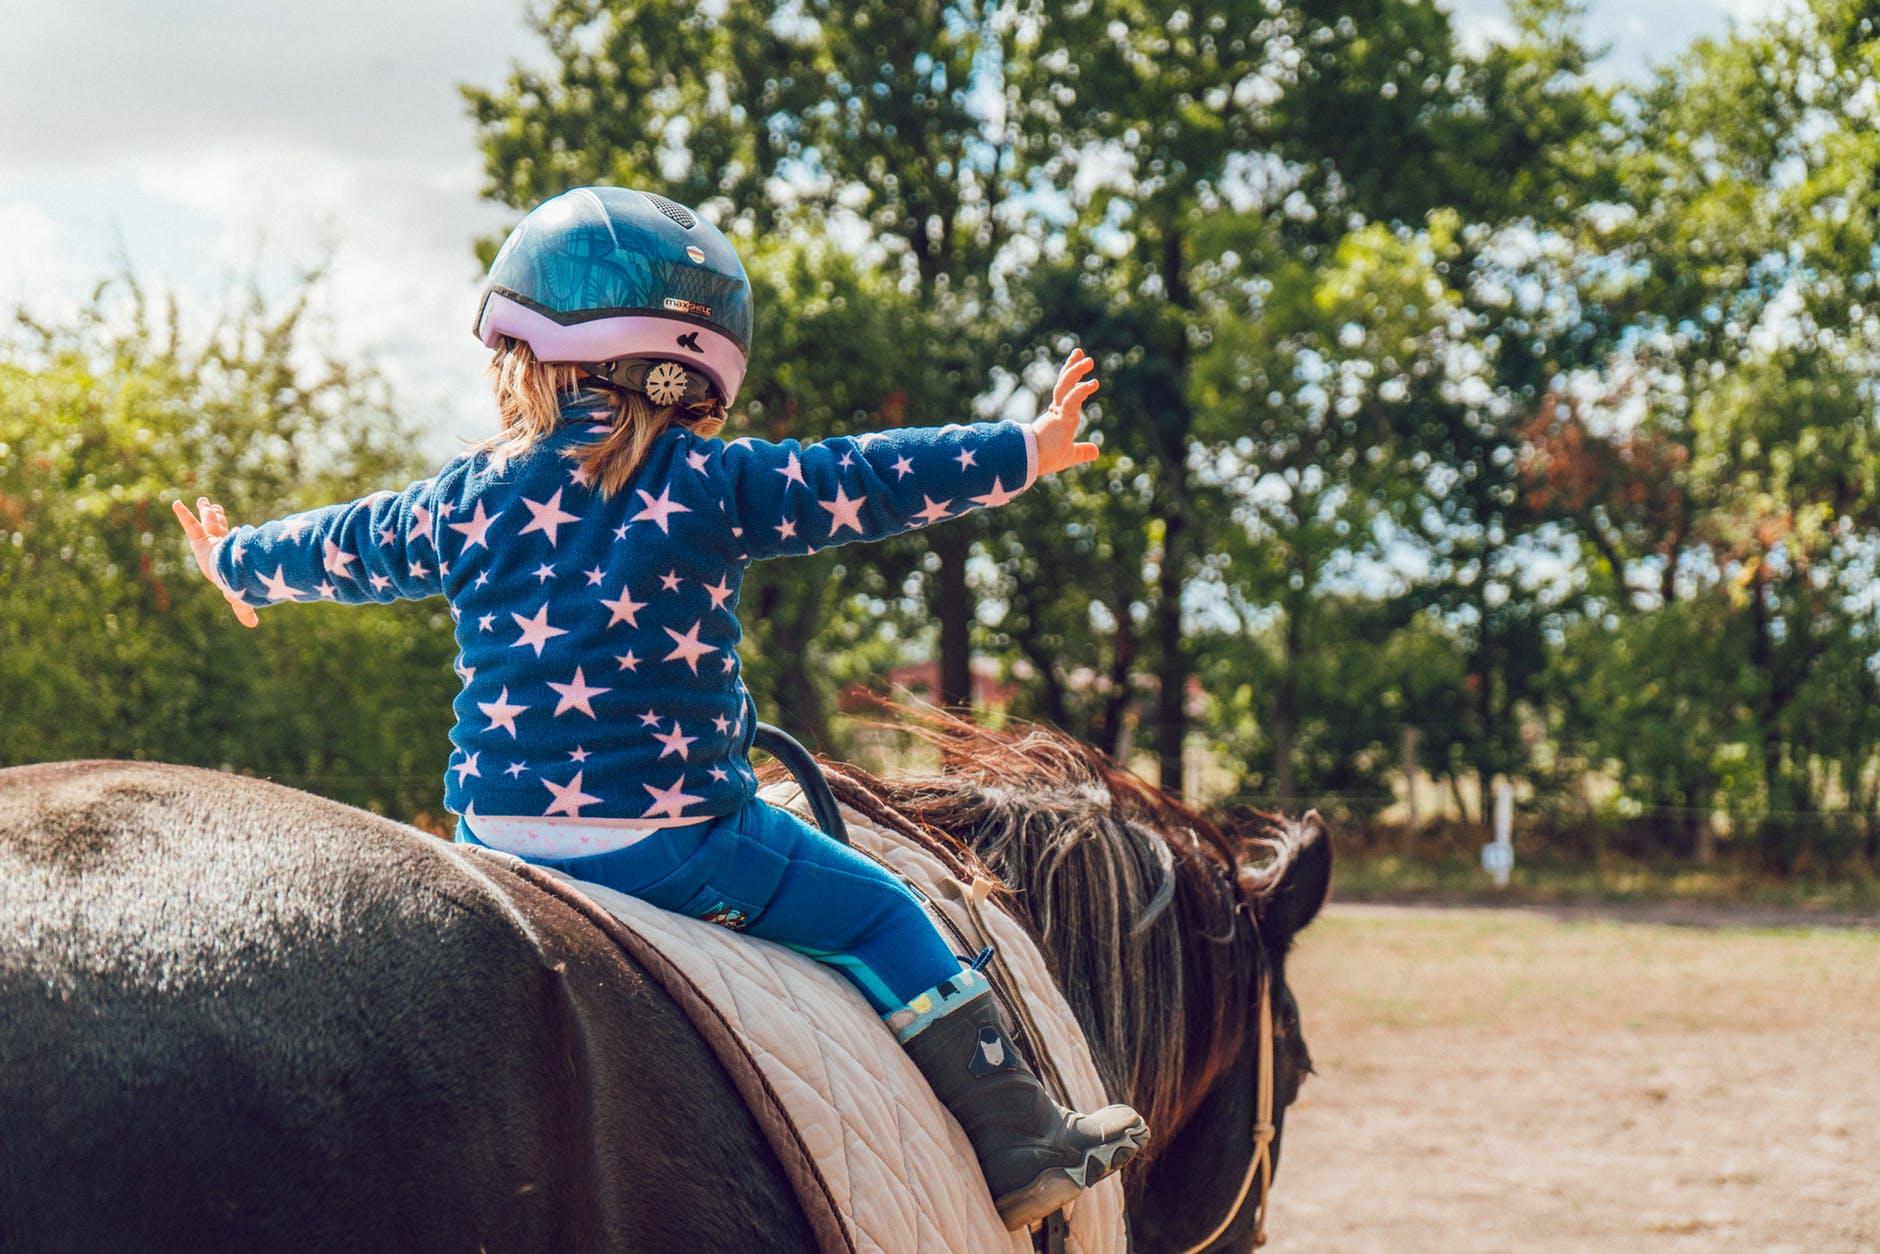 dijete konj jahanje koordinacija motorika ravnoteza terapija autizam tjelovjezba aktivnost